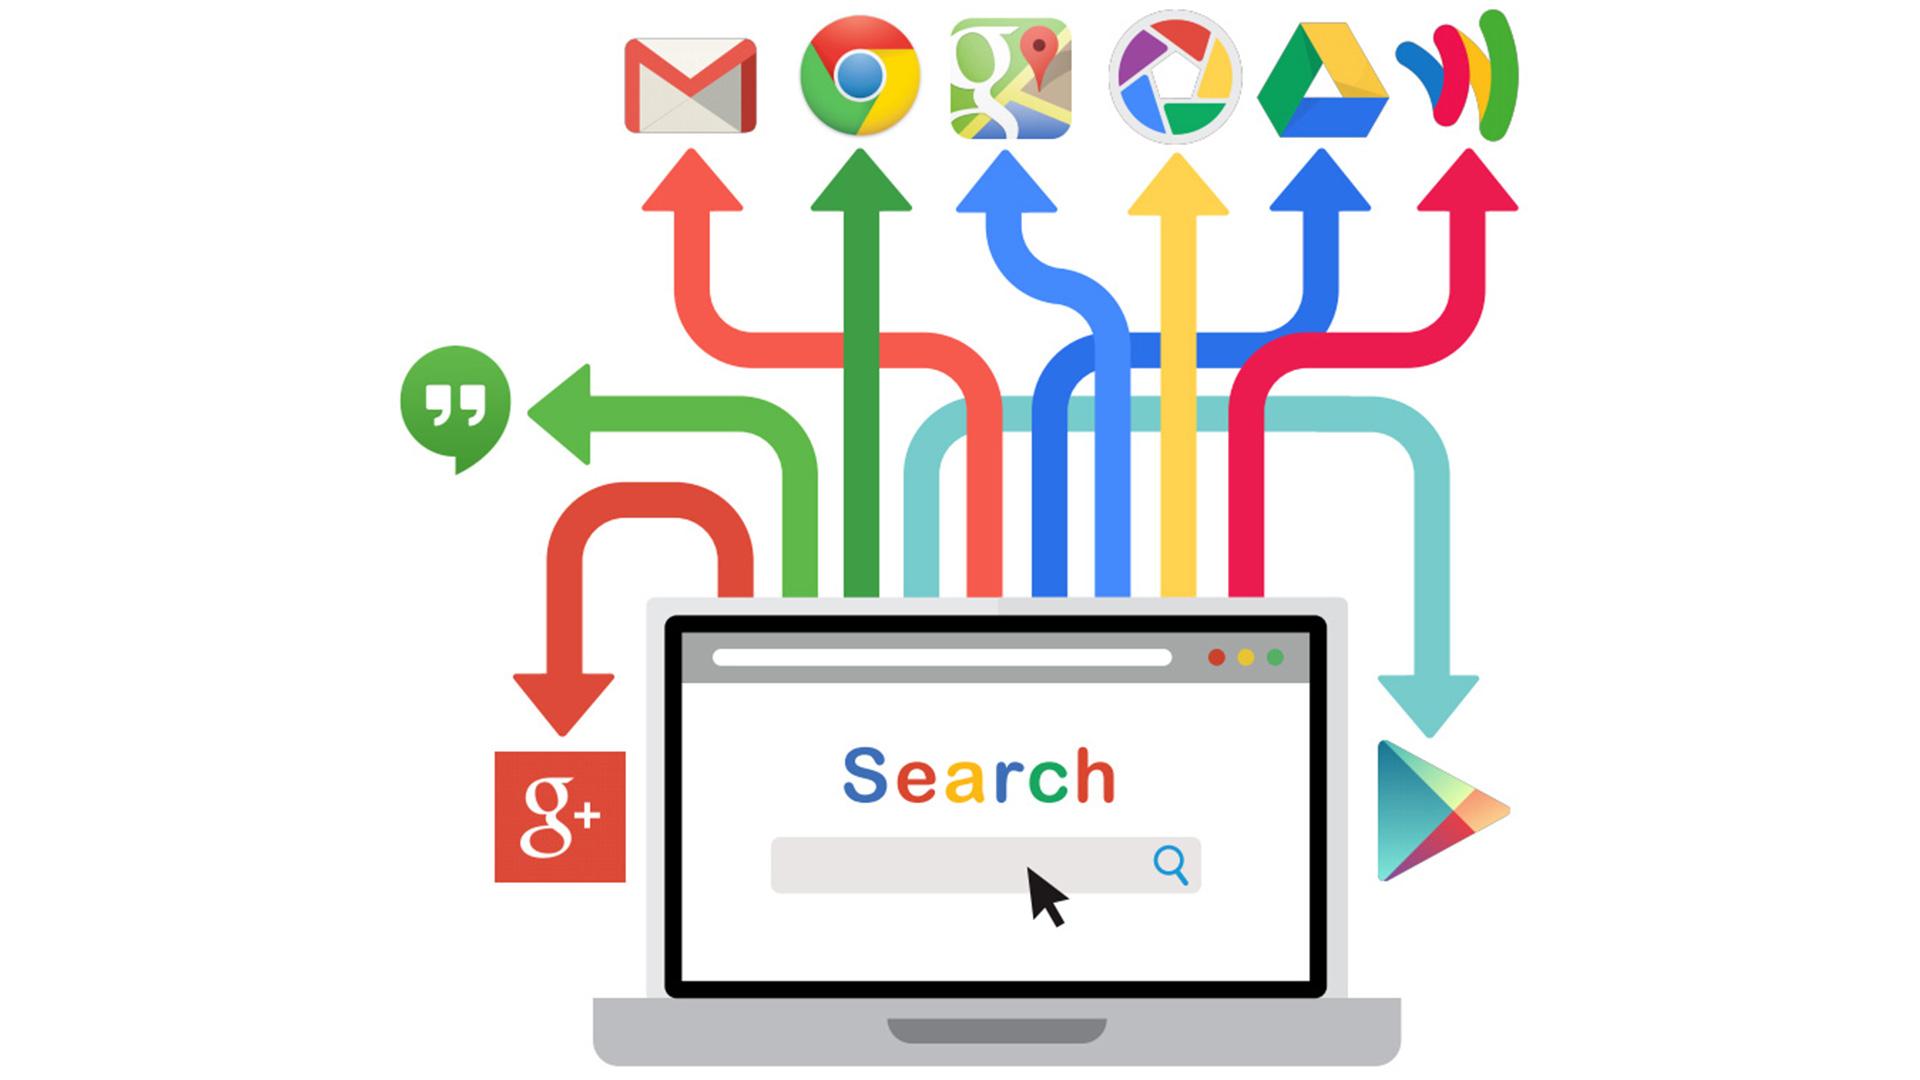 GoogleBot'un İndexlemedeki Referansı Chrome 41